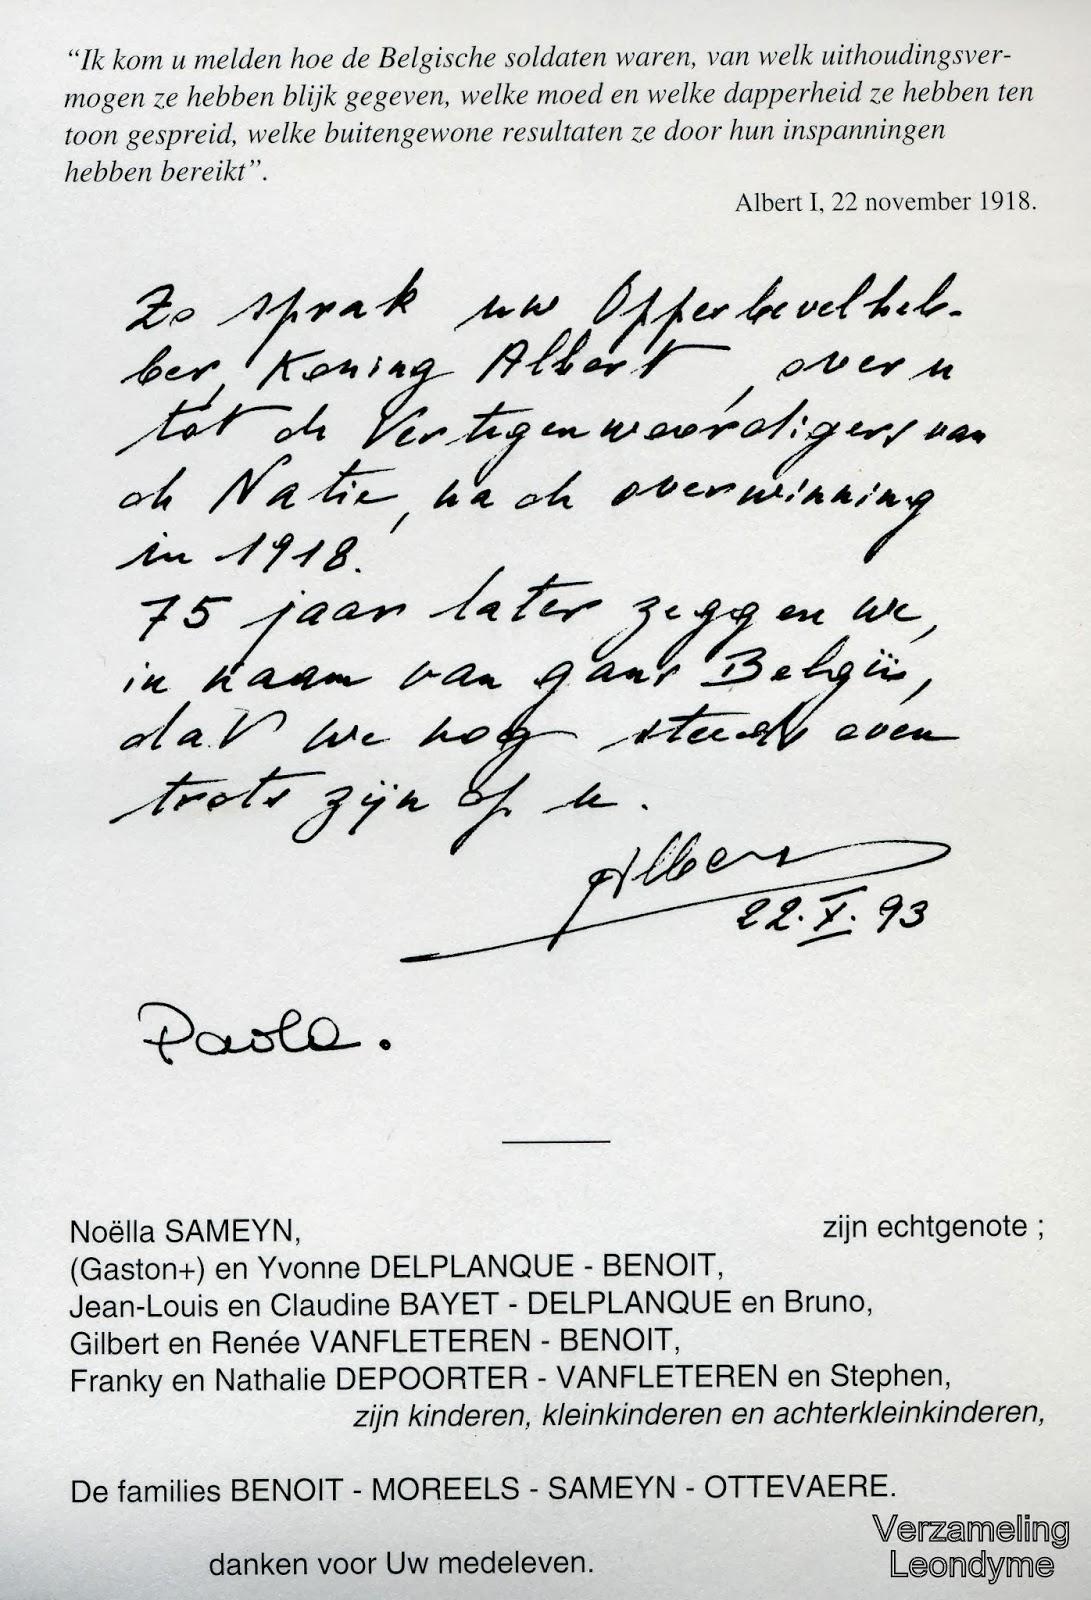 Bidprentje van oud-strijder/vuurkruiser Camille Benoit met geschreven tekst van het koningspaar.